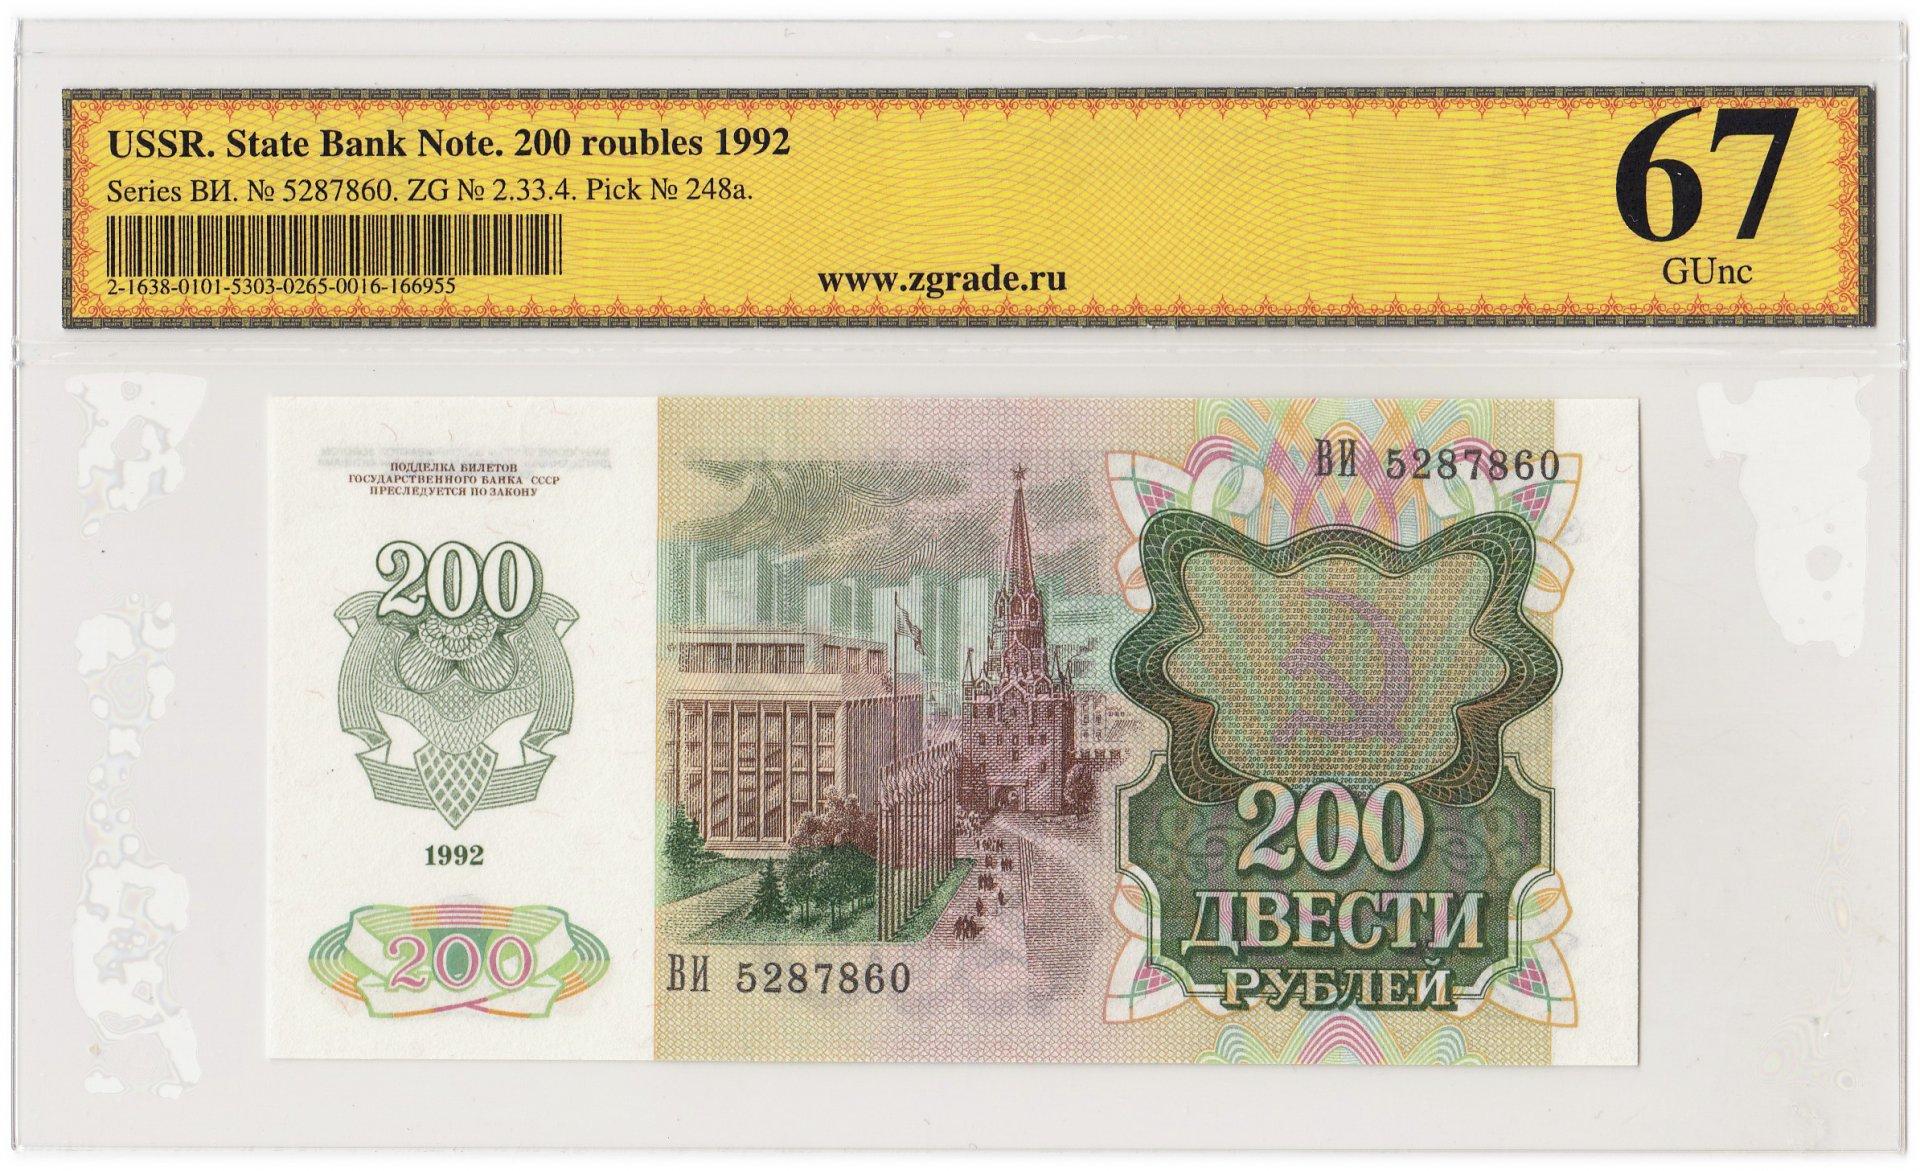 Е 25 за 200 рублей купить код wot на об 907 бесплатно